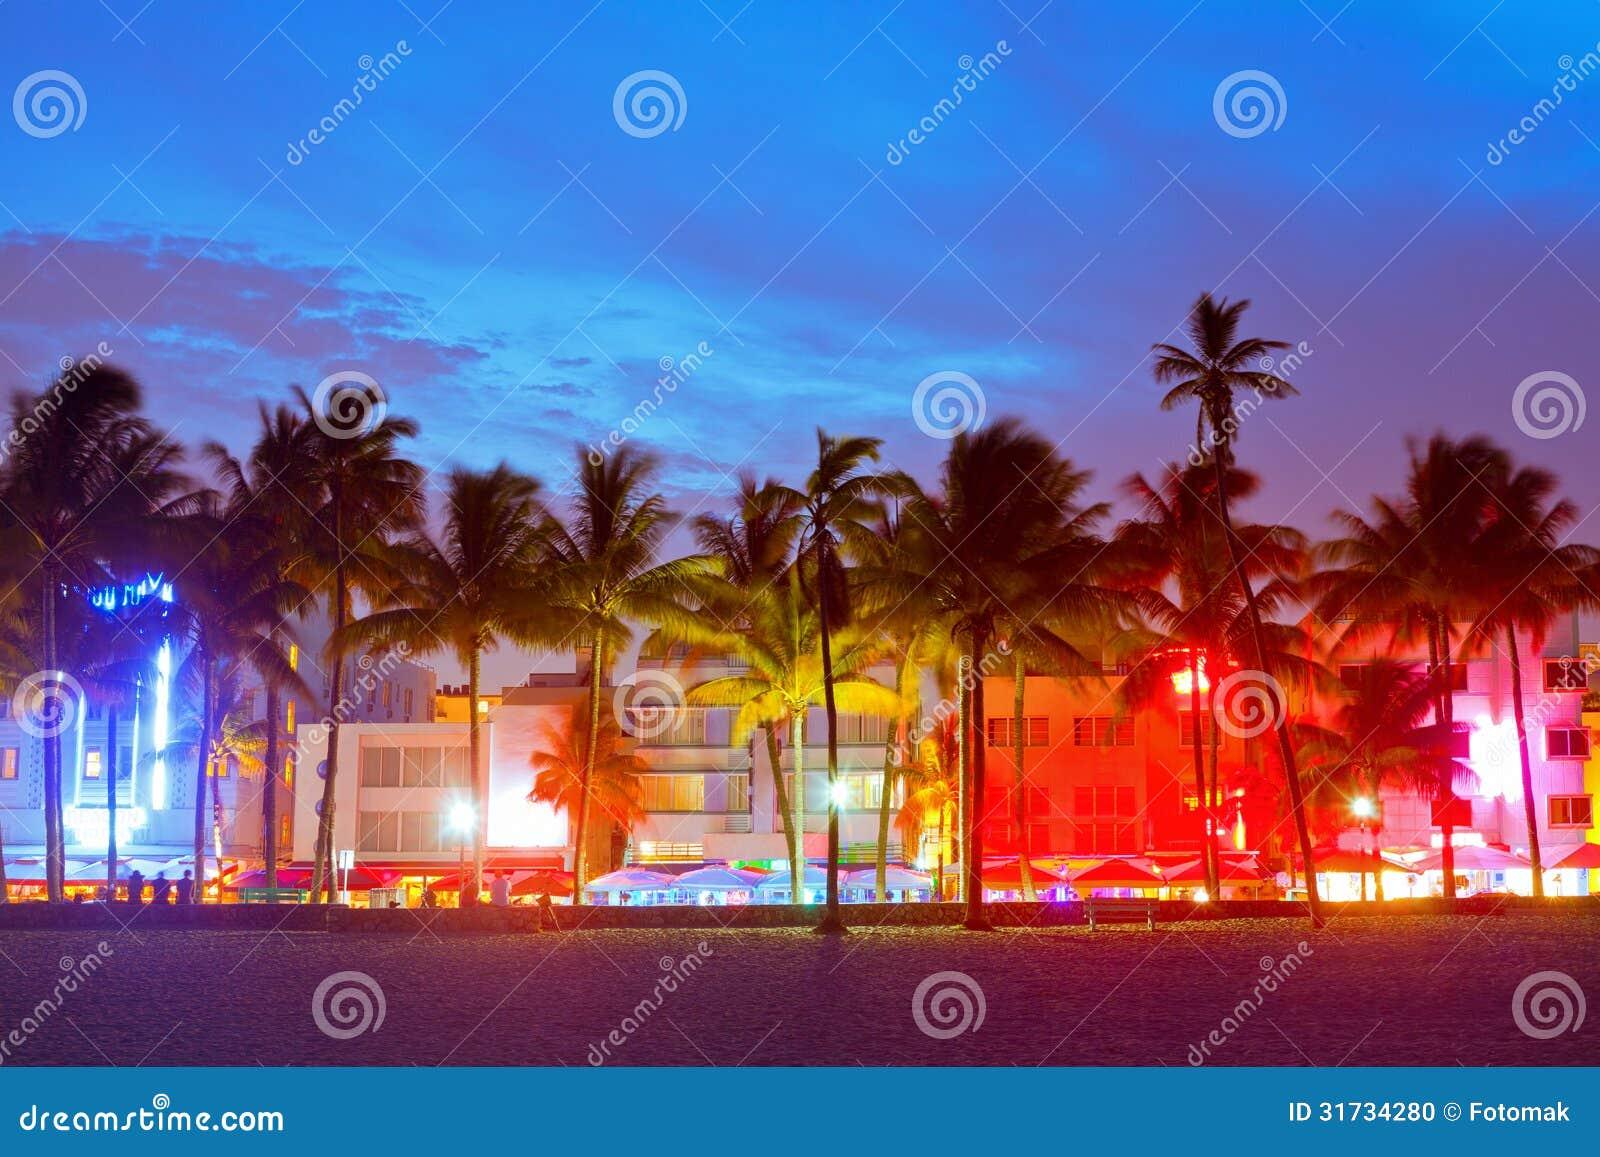 Μαϊάμι Μπιτς, ξενοδοχεία της Φλώριδας και εστιατόρια στο ηλιοβασίλεμα